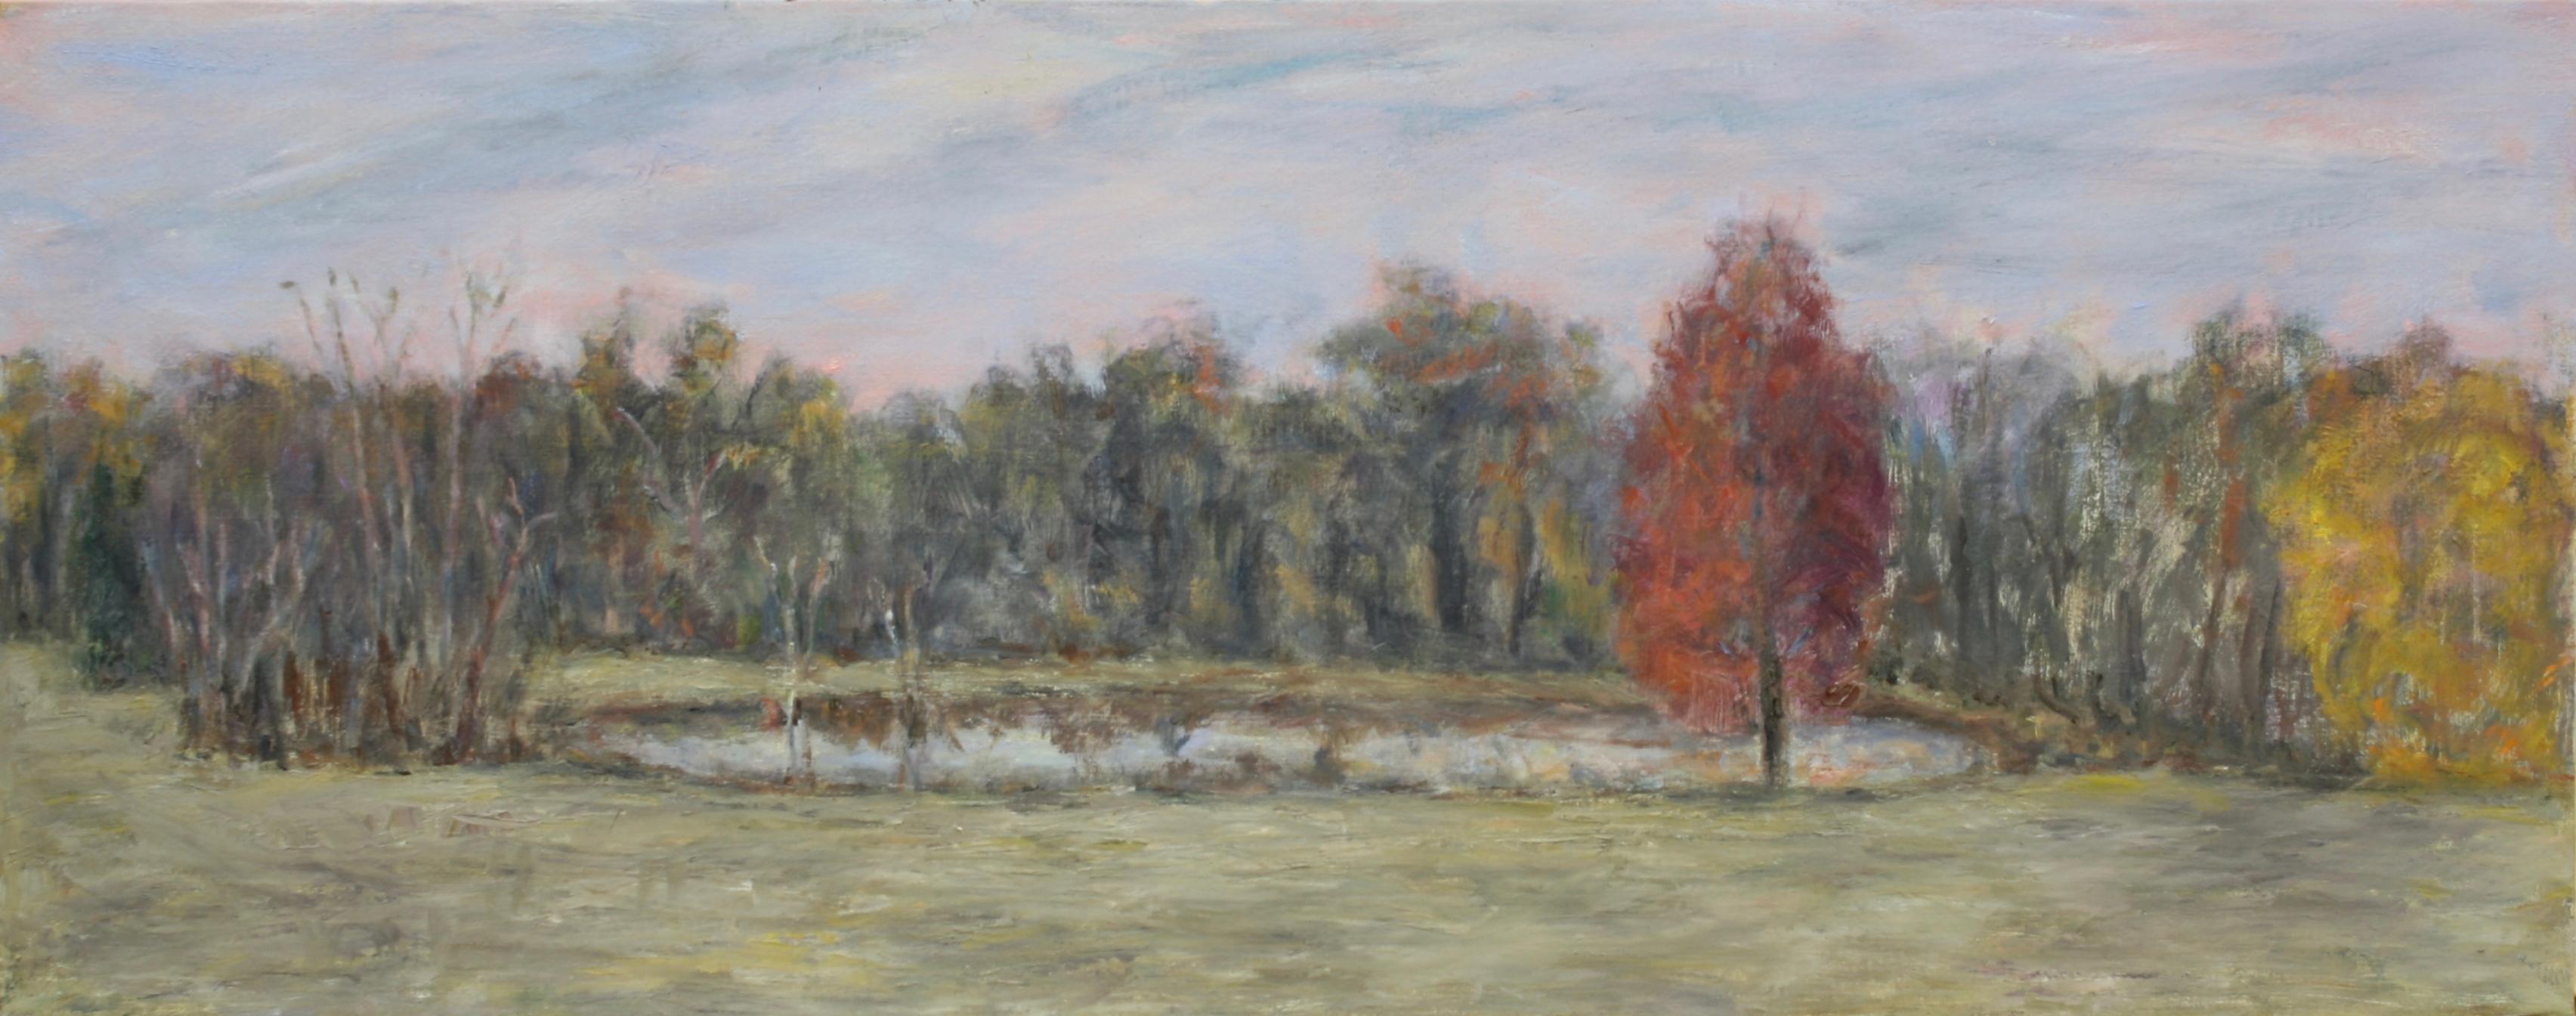 November Pond